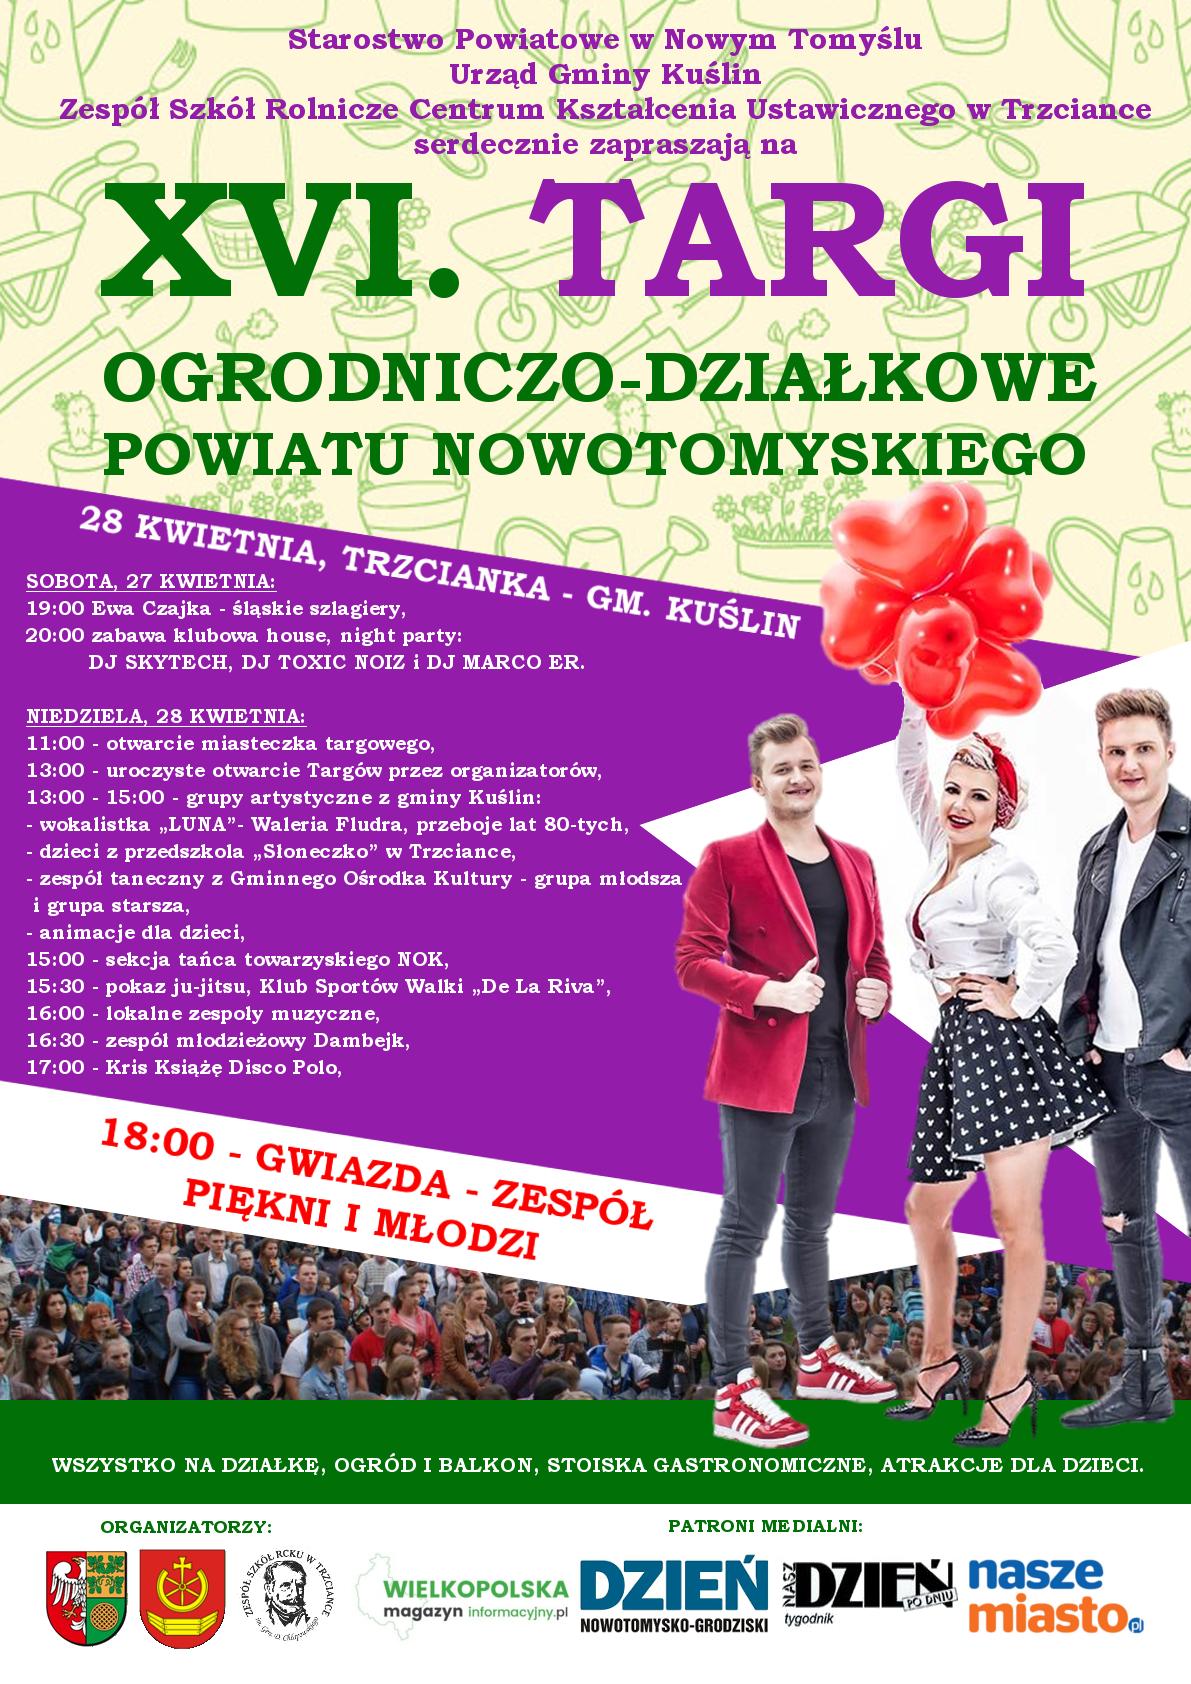 Ilustracja do informacji: XVI Targi Ogrodniczo-Działkowe Powiatu Nowotomyskiego